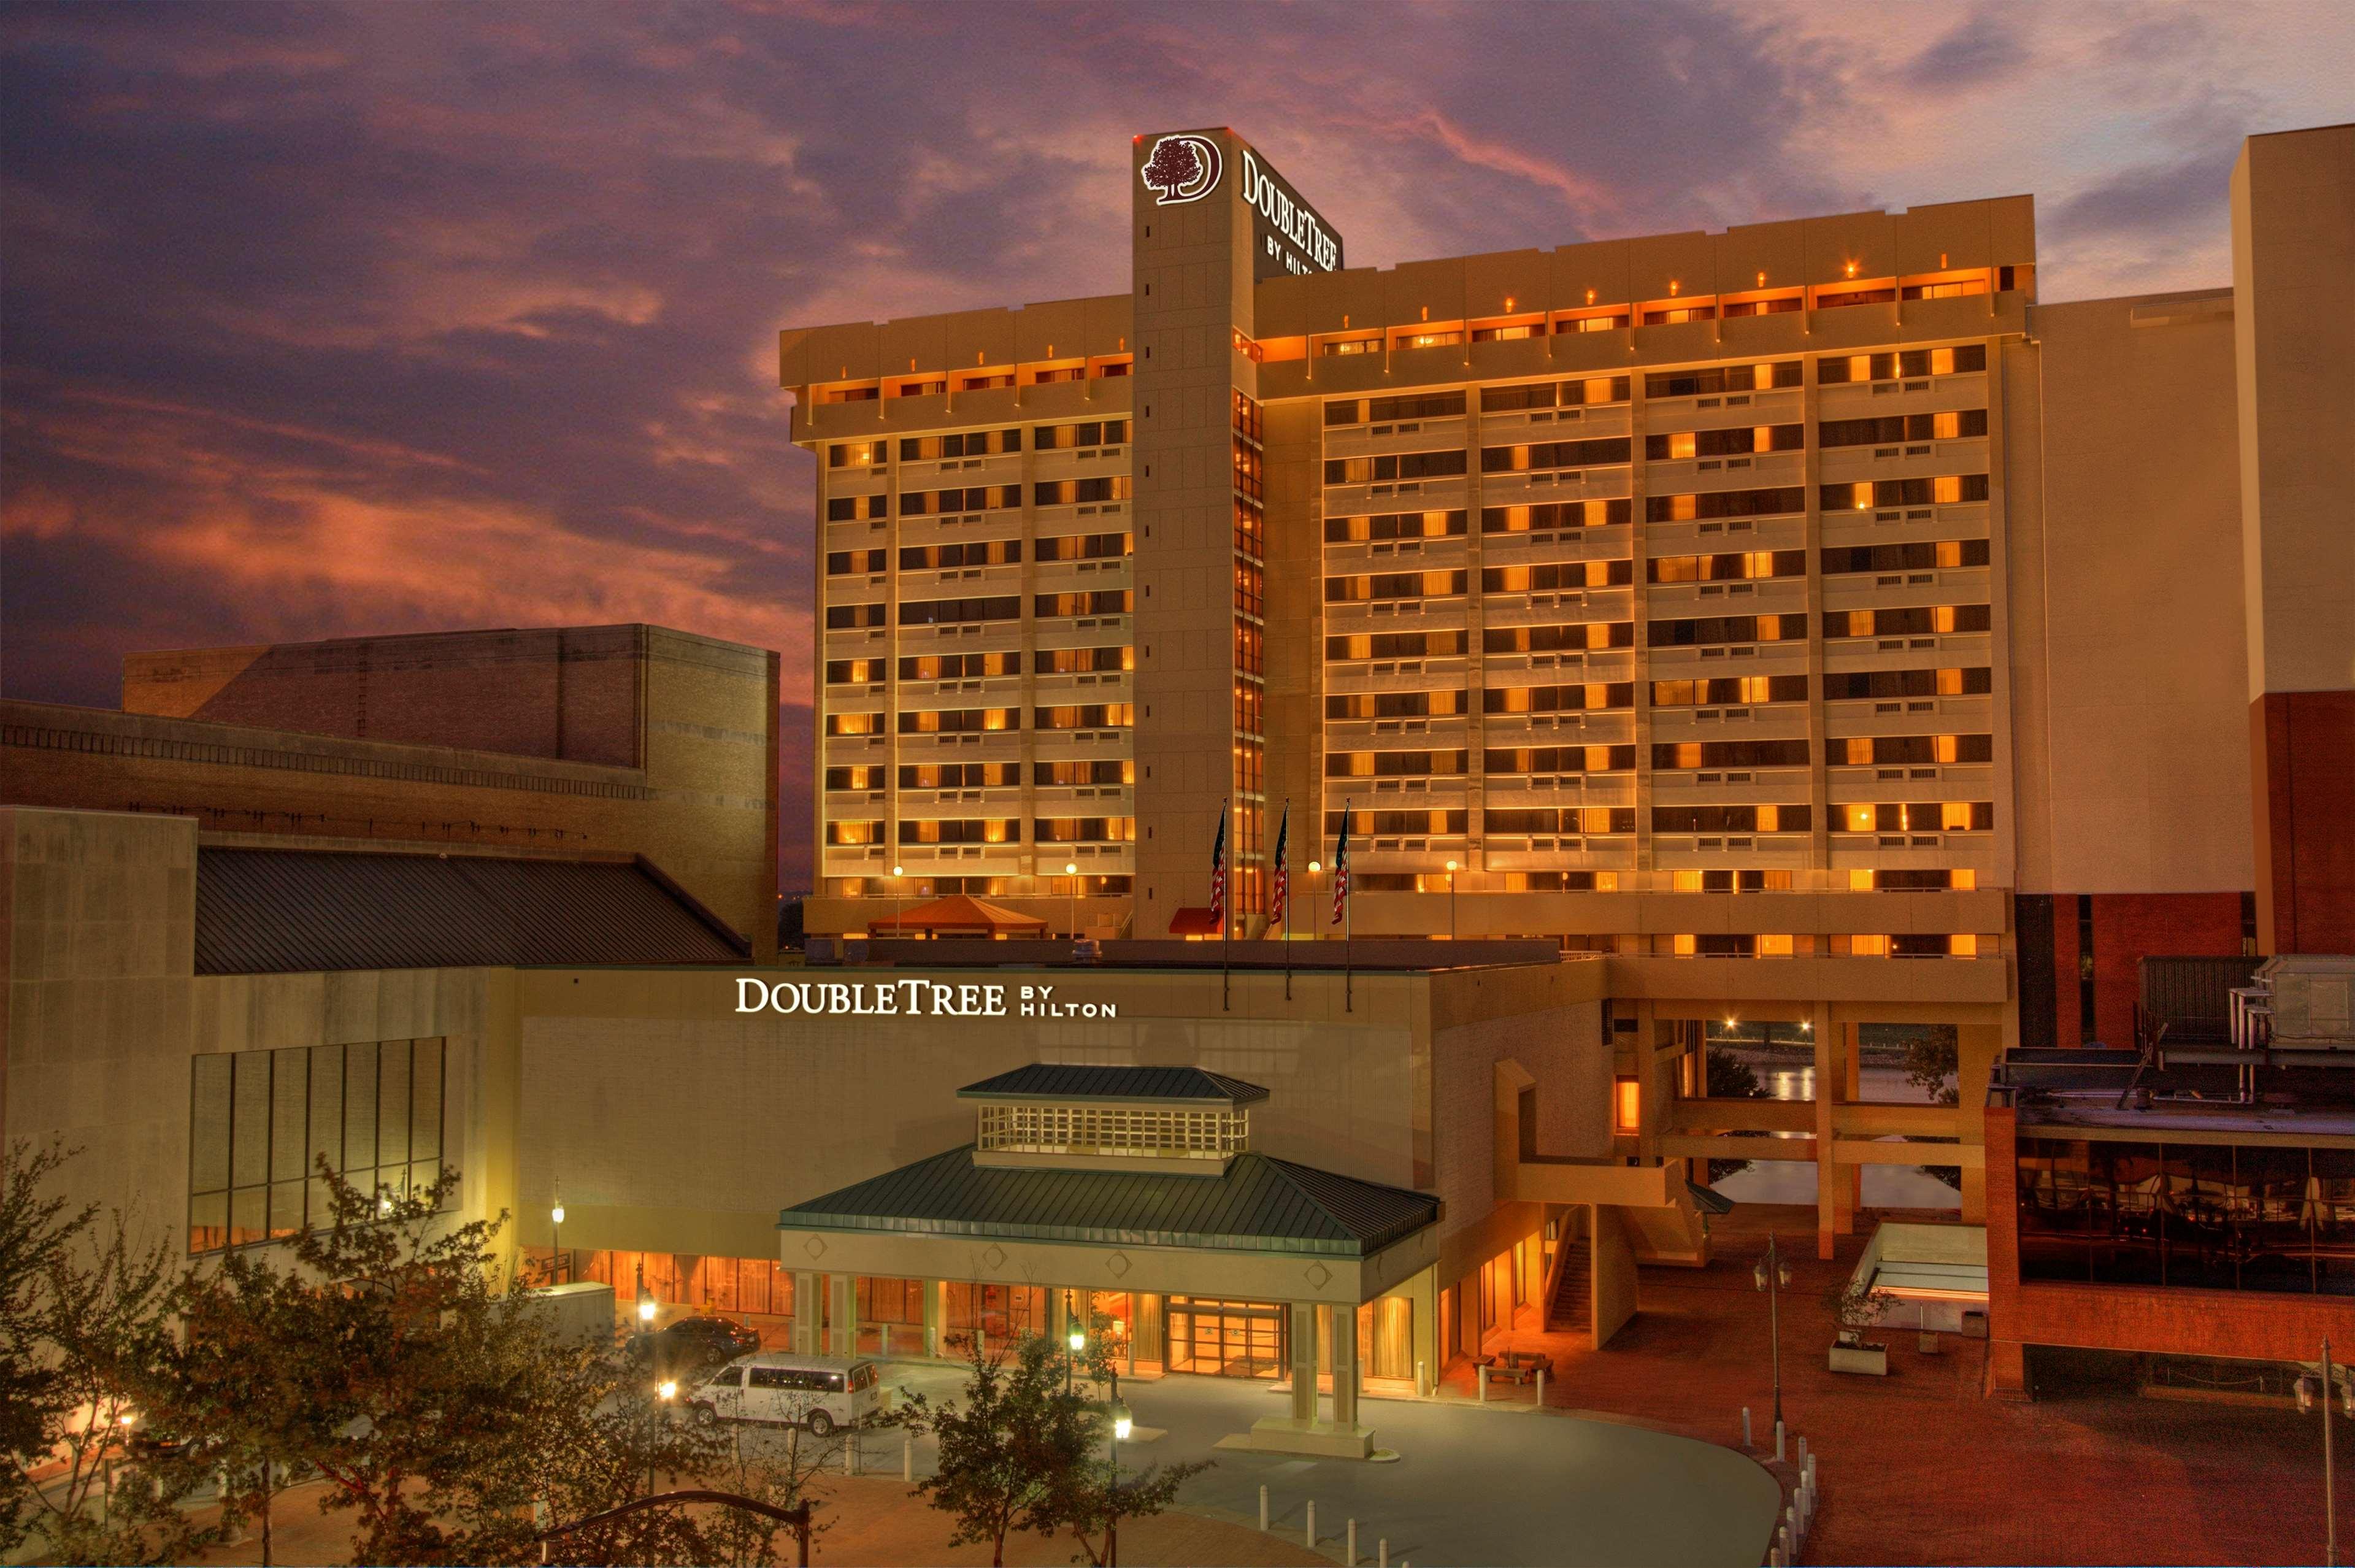 DoubleTree by Hilton Hotel Little Rock image 2